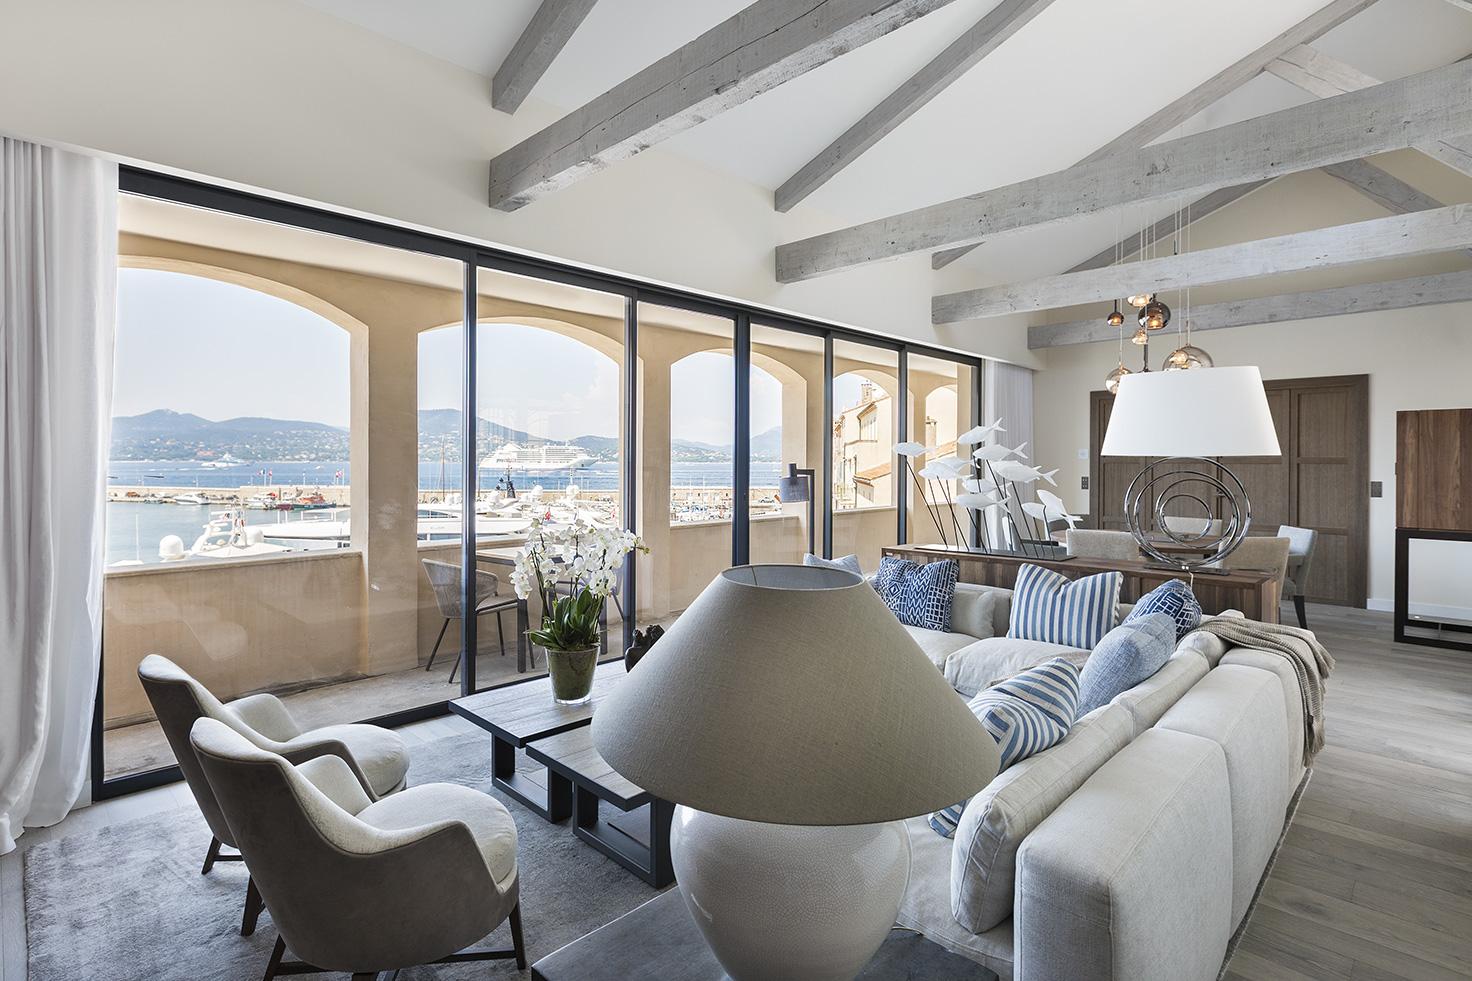 interior-design-saint-tropez-3